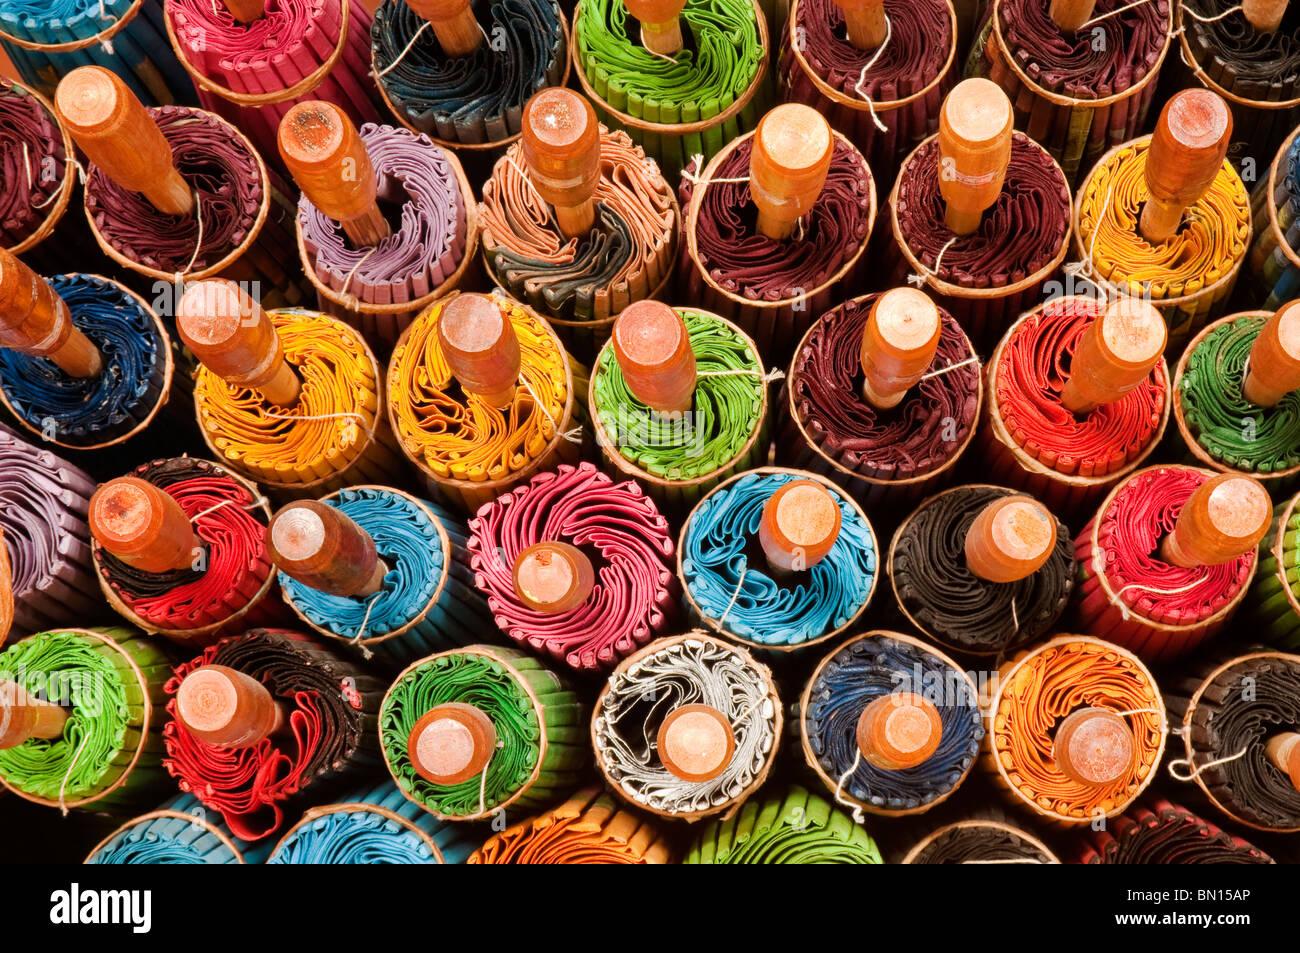 Arrotolato ombrelloni presso la fabbrica di ombrello in Chiang Mai, Thailandia. Immagini Stock